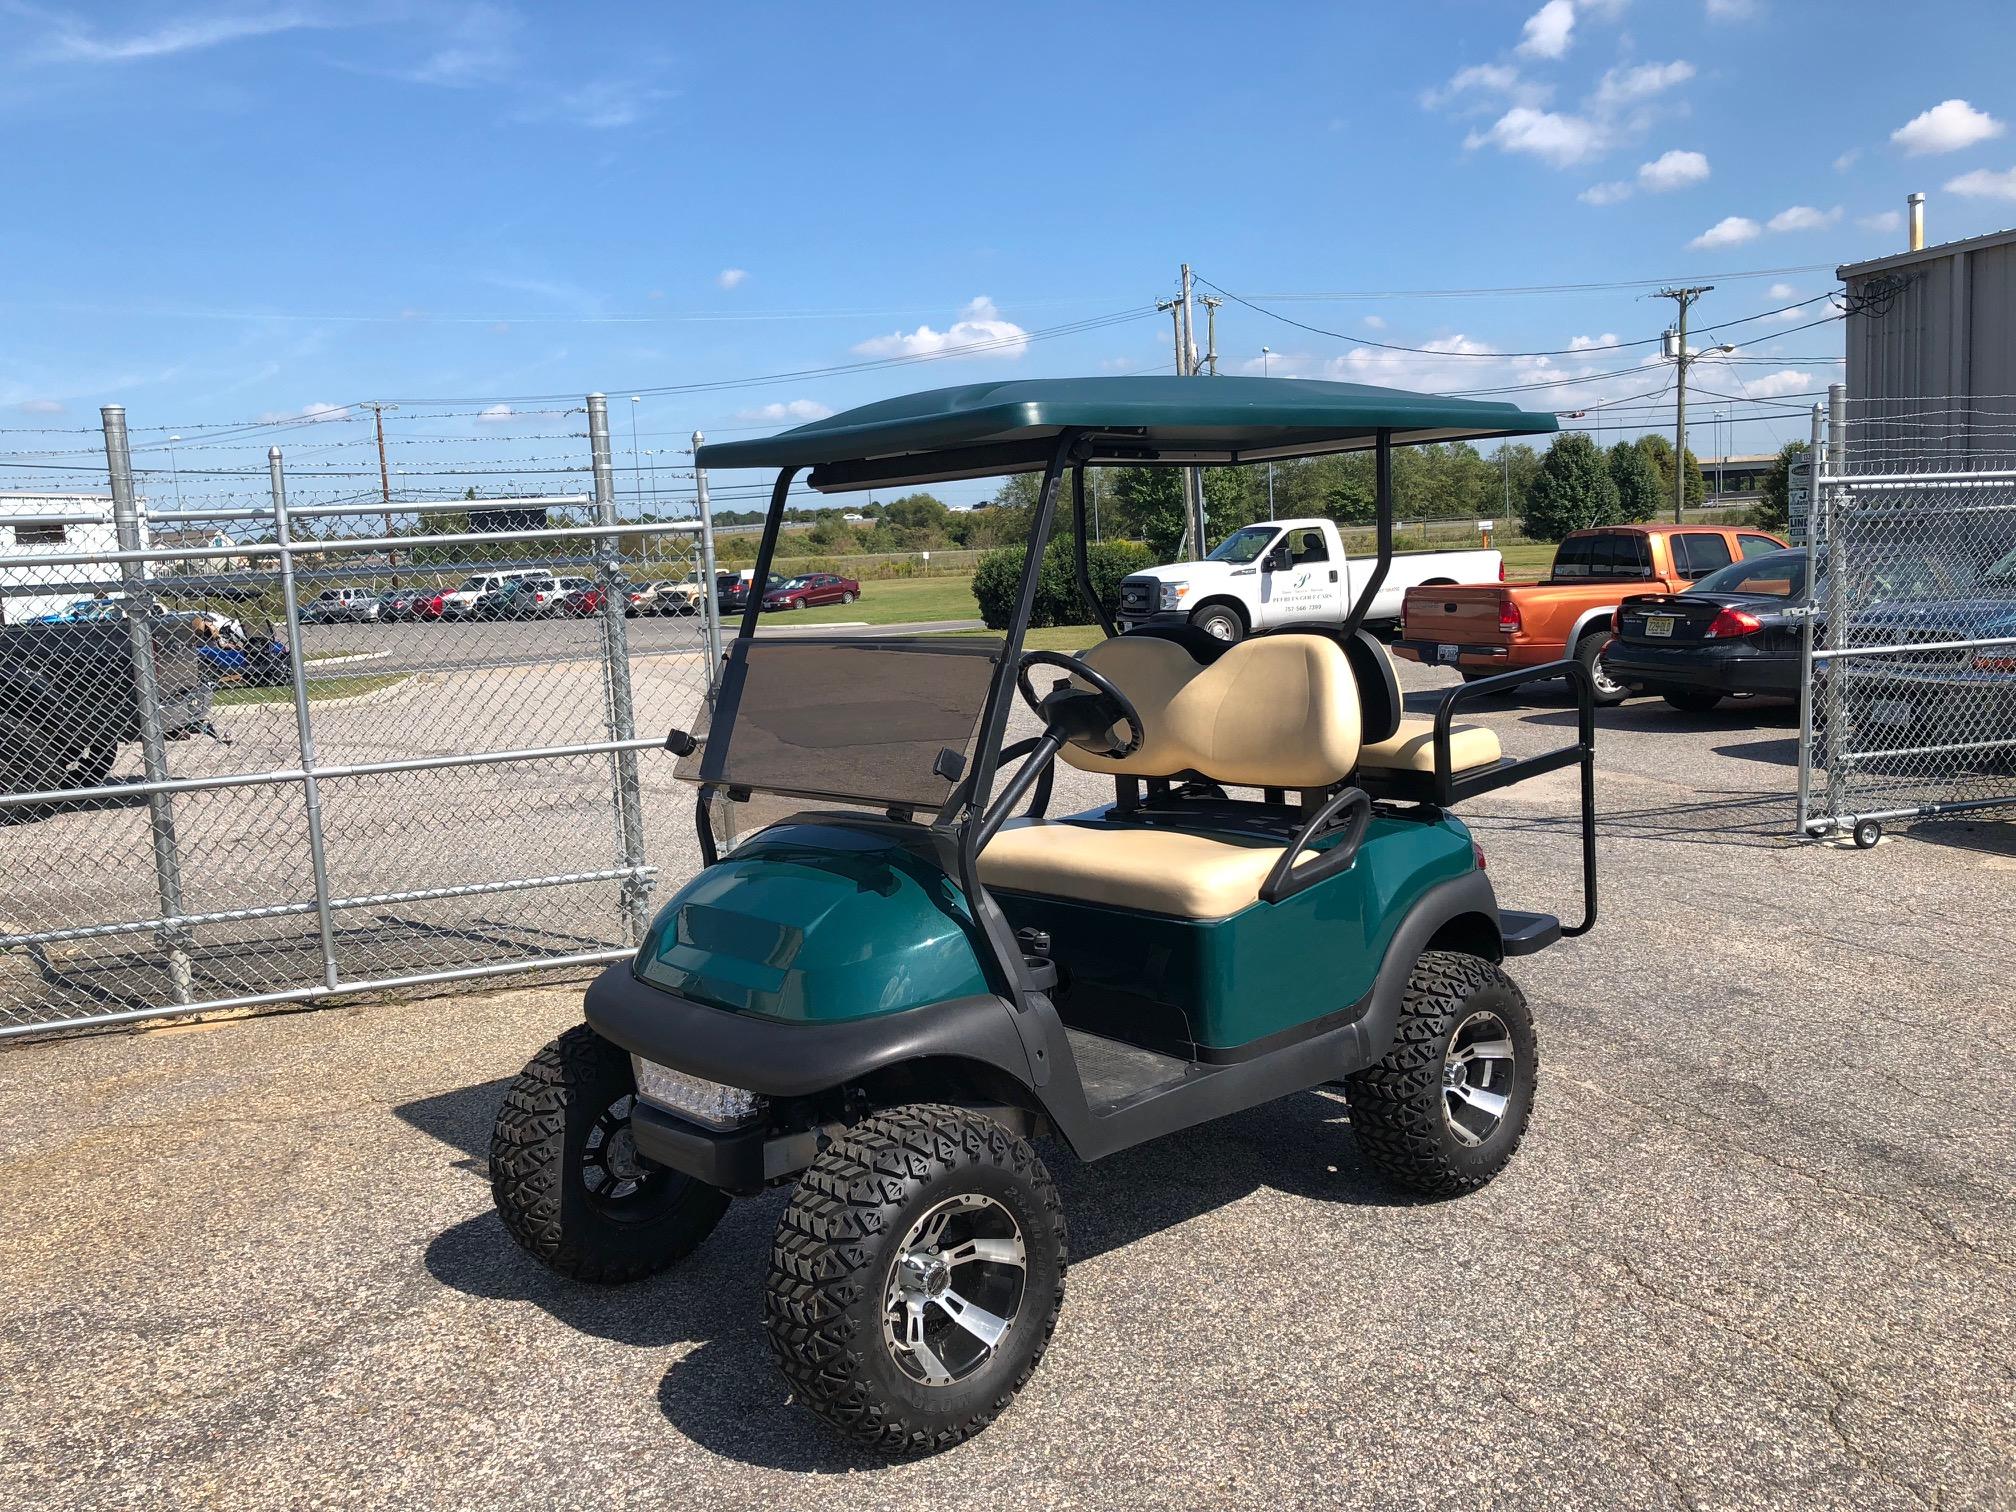 2013 Club Car Precedent Lifted Electric Golf Car Green